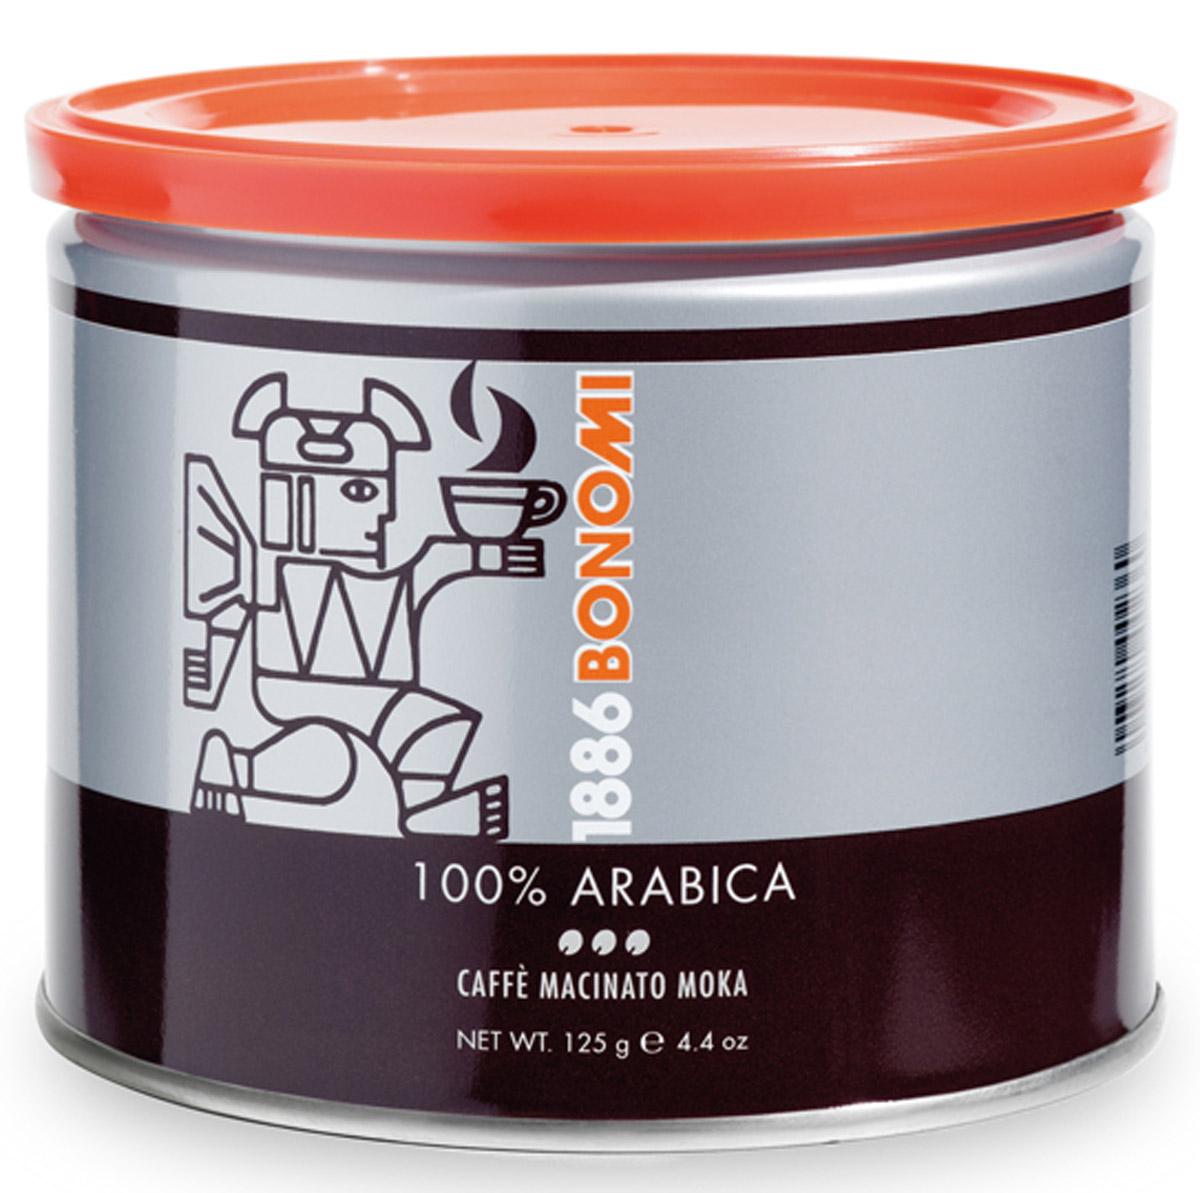 Bonomi 100% Arabica кофе молотый, 125 гCHLMSC-000003Сделано из лучших в мире сортов арабики, одна из старейших традиционных смесей Бономи. Обжарка темная, превосходный баланс горчинки и кислинки. Производство Италия.